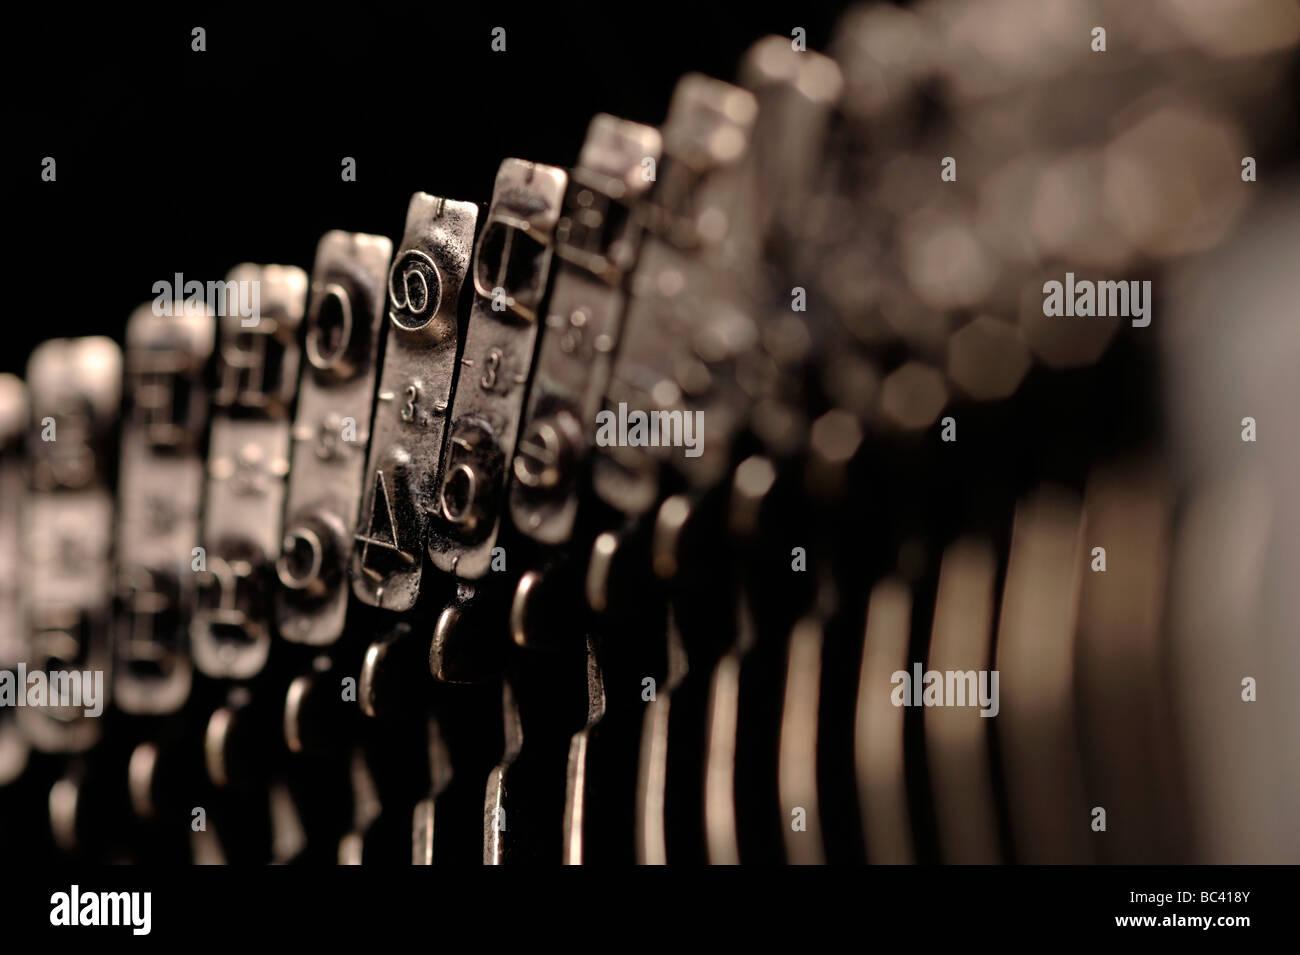 Typewriter metal type - Stock Image